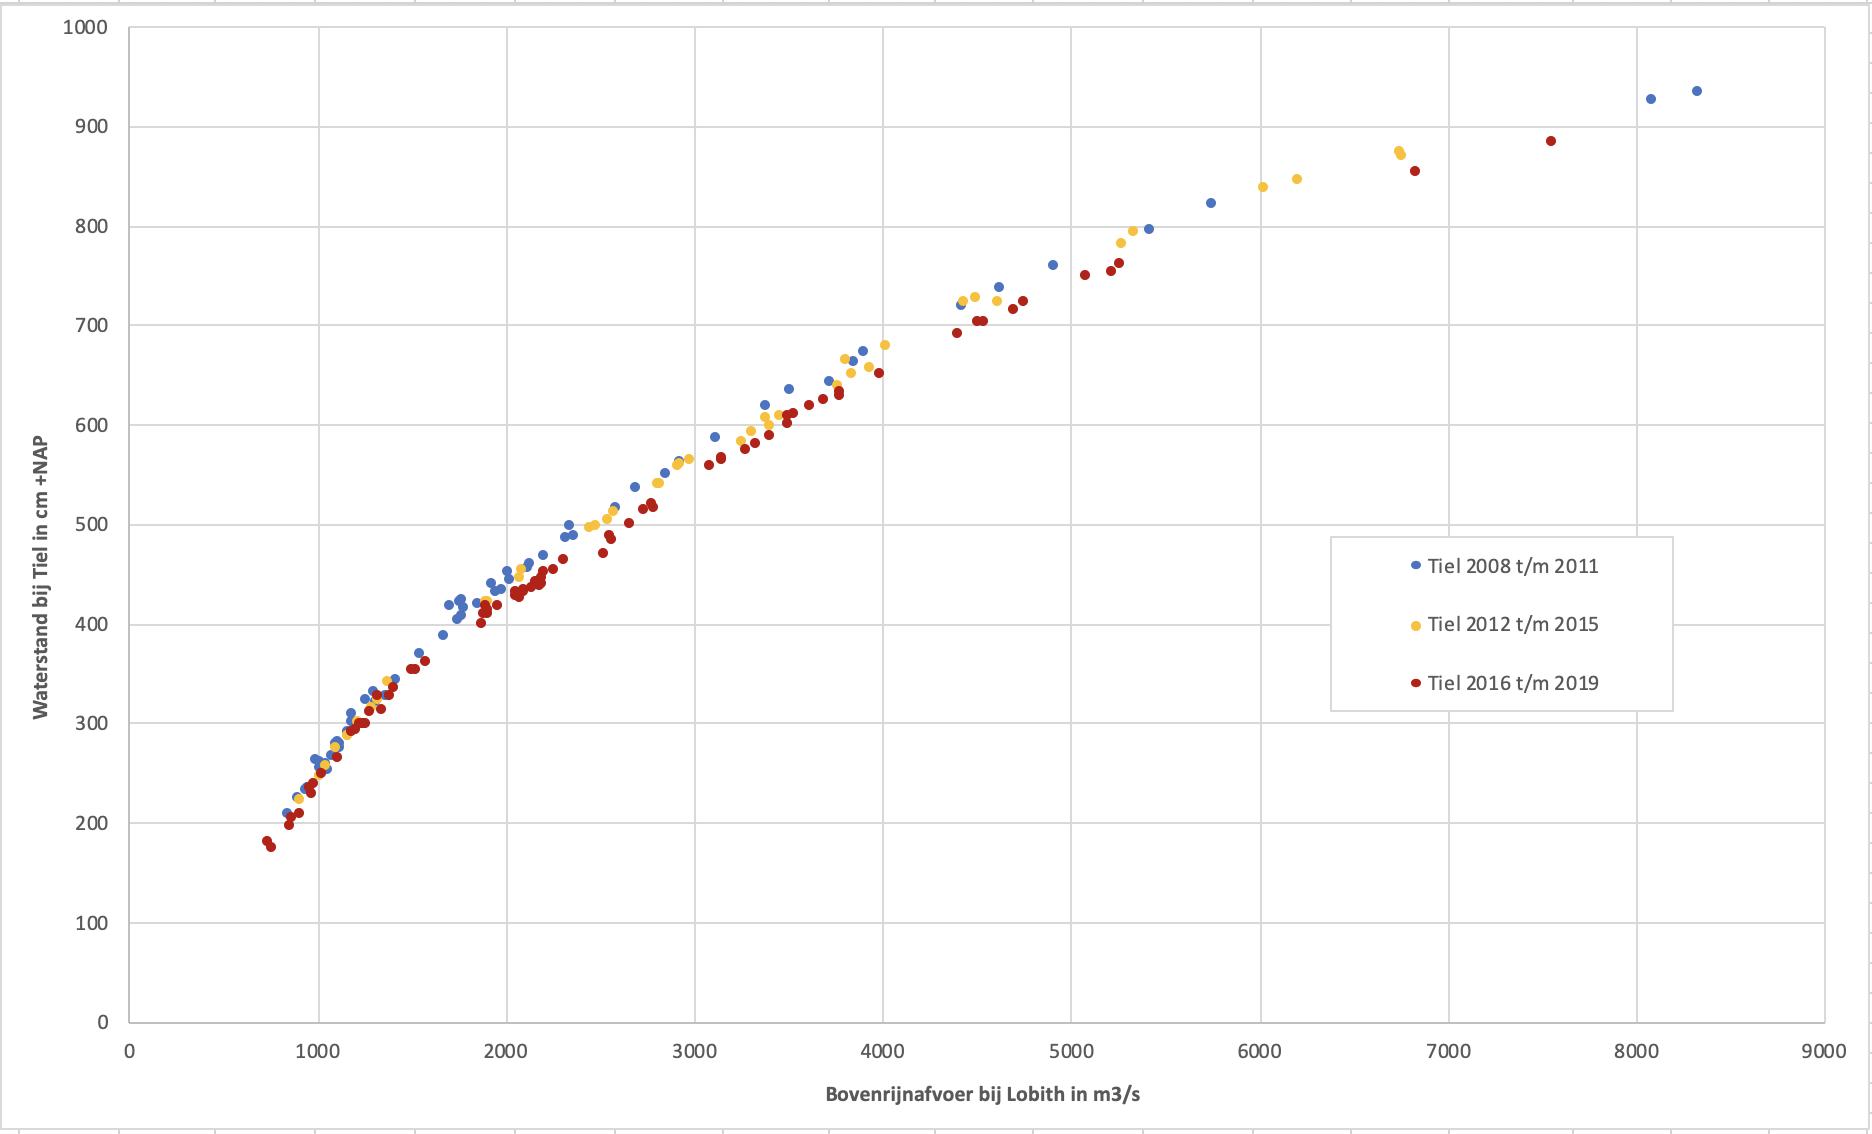 Verloop van de waterstanden bij Tiel bij toenemende rivierafvoer. In blauw de metingen van 2008 t/m 2011, in oranje van 2012 t/m 2015 en in rood vanaf 2016, na de aanleg van de langsdammen,.